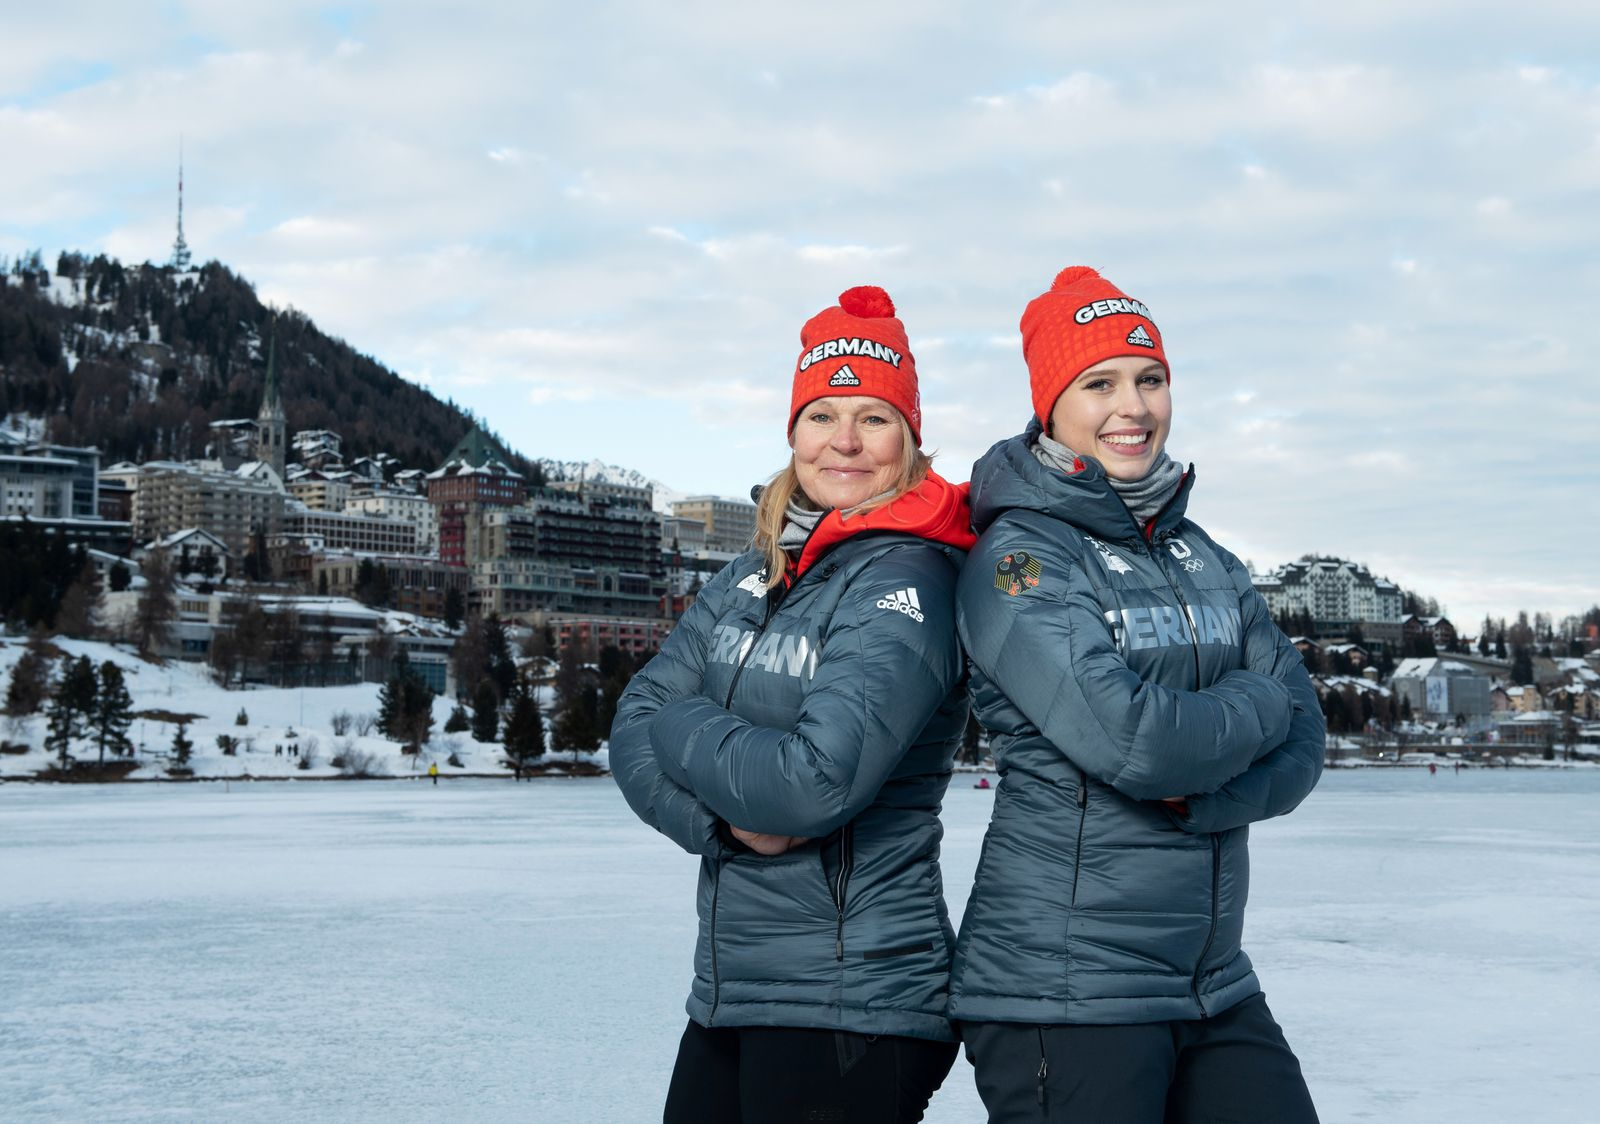 2020 Winter Youth Olympics